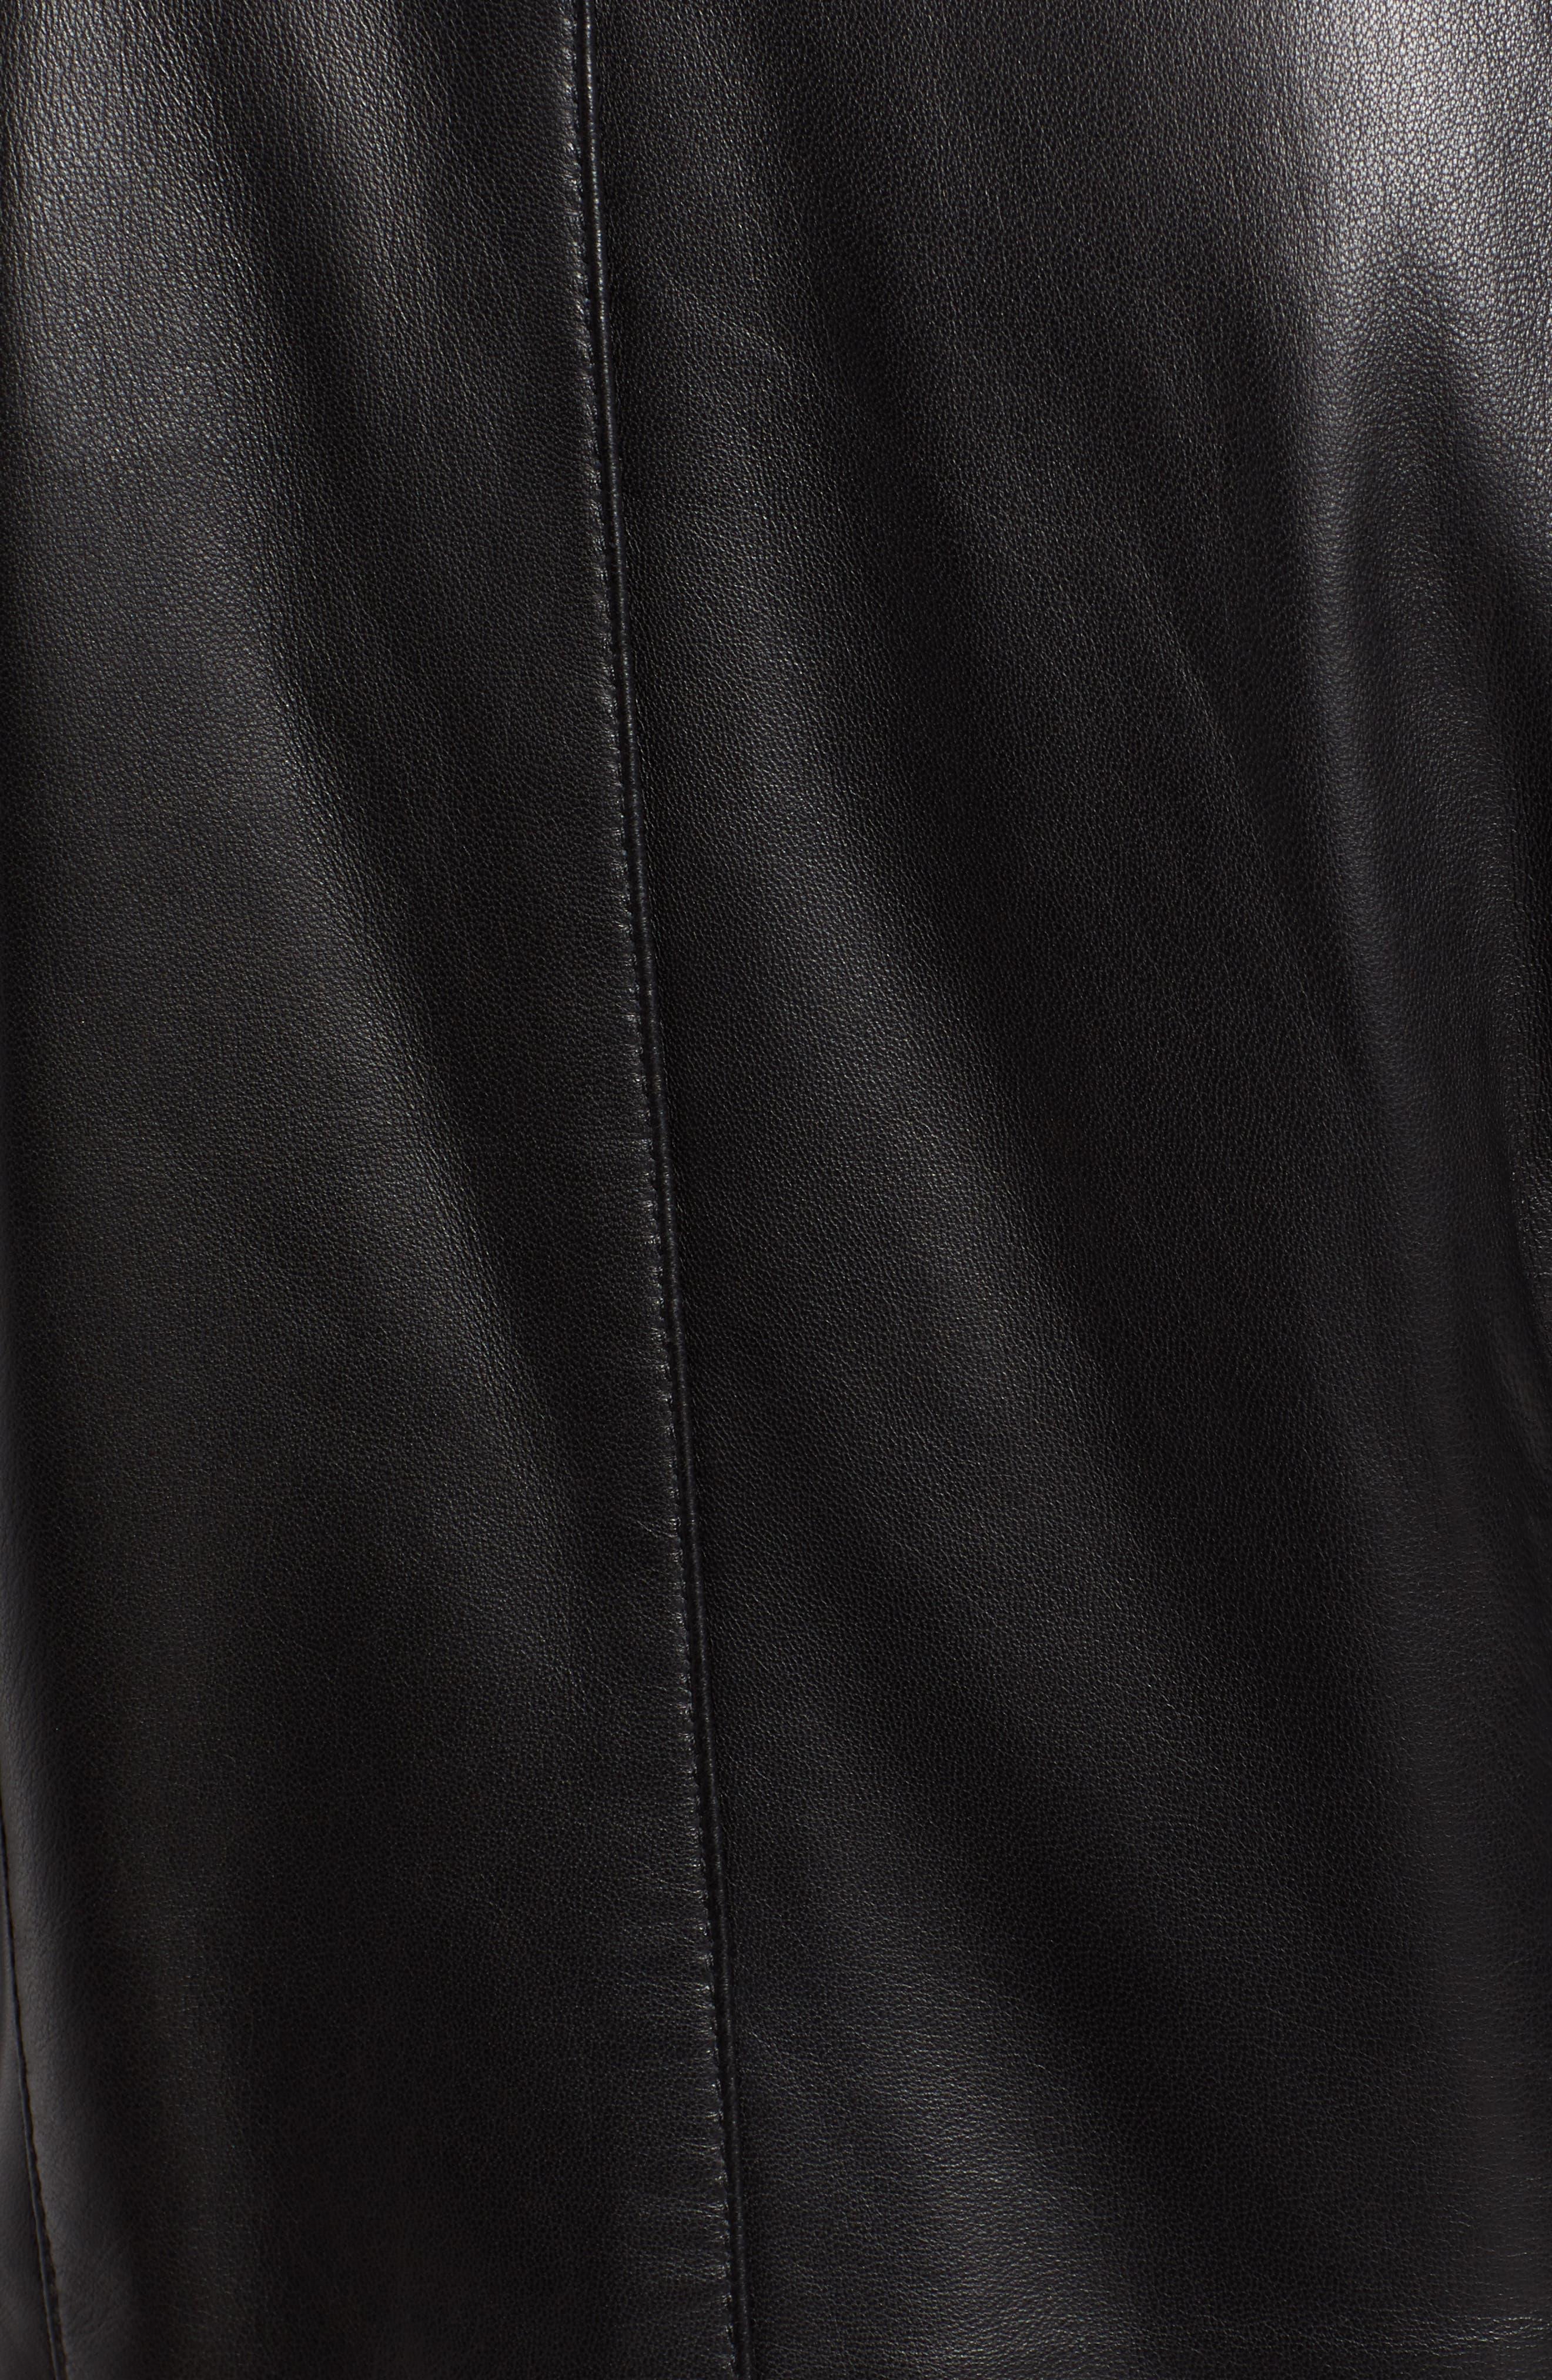 Collarless Pleated Sleeve Leather Jacket,                             Alternate thumbnail 7, color,                             BLACK